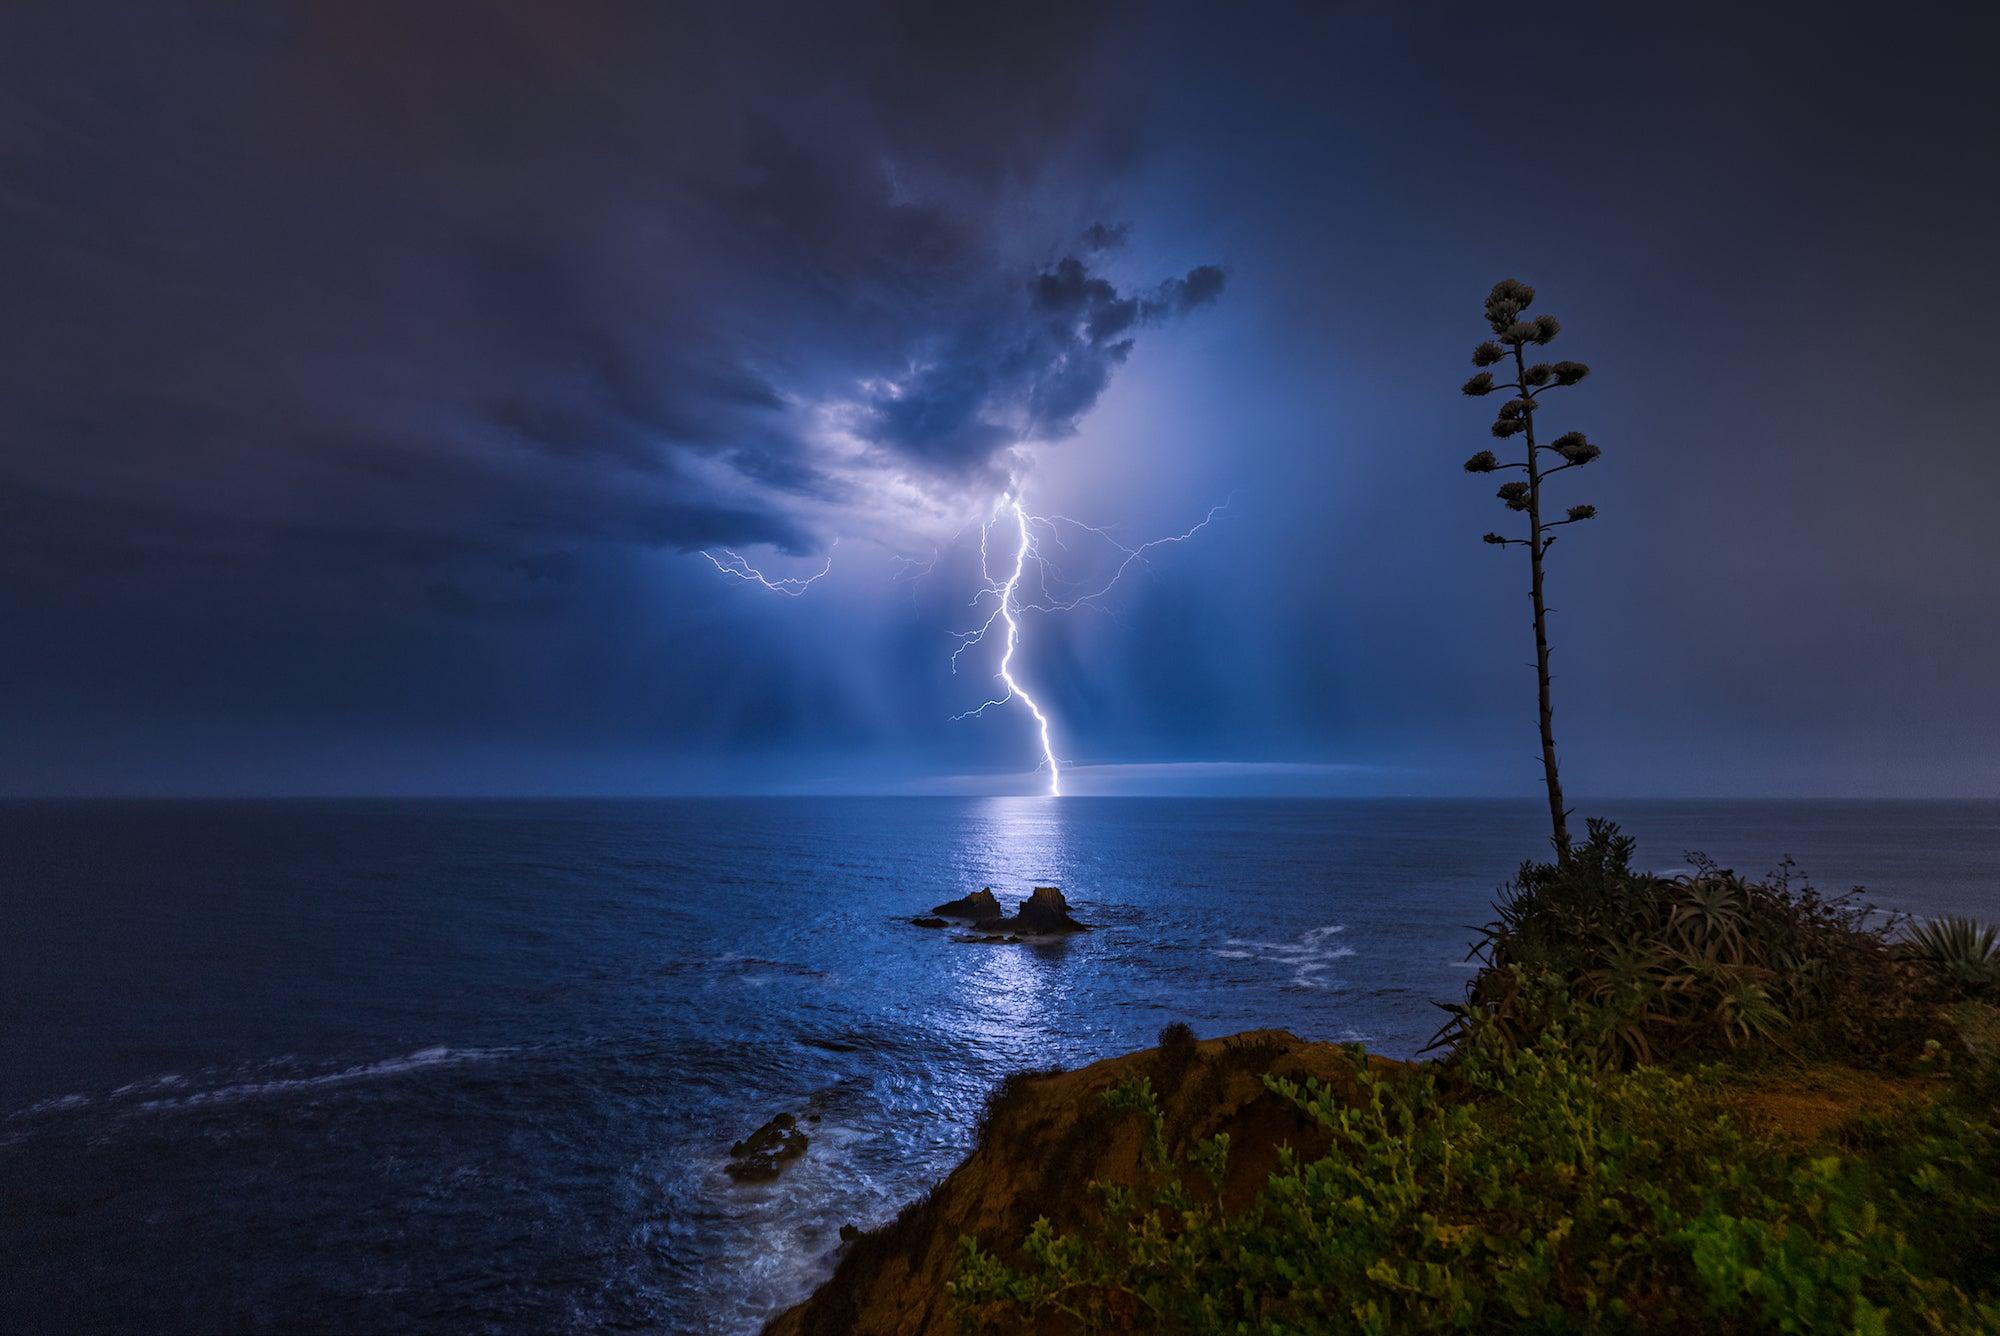 Cómo se capturó este electrizante relámpago en Laguna Beach